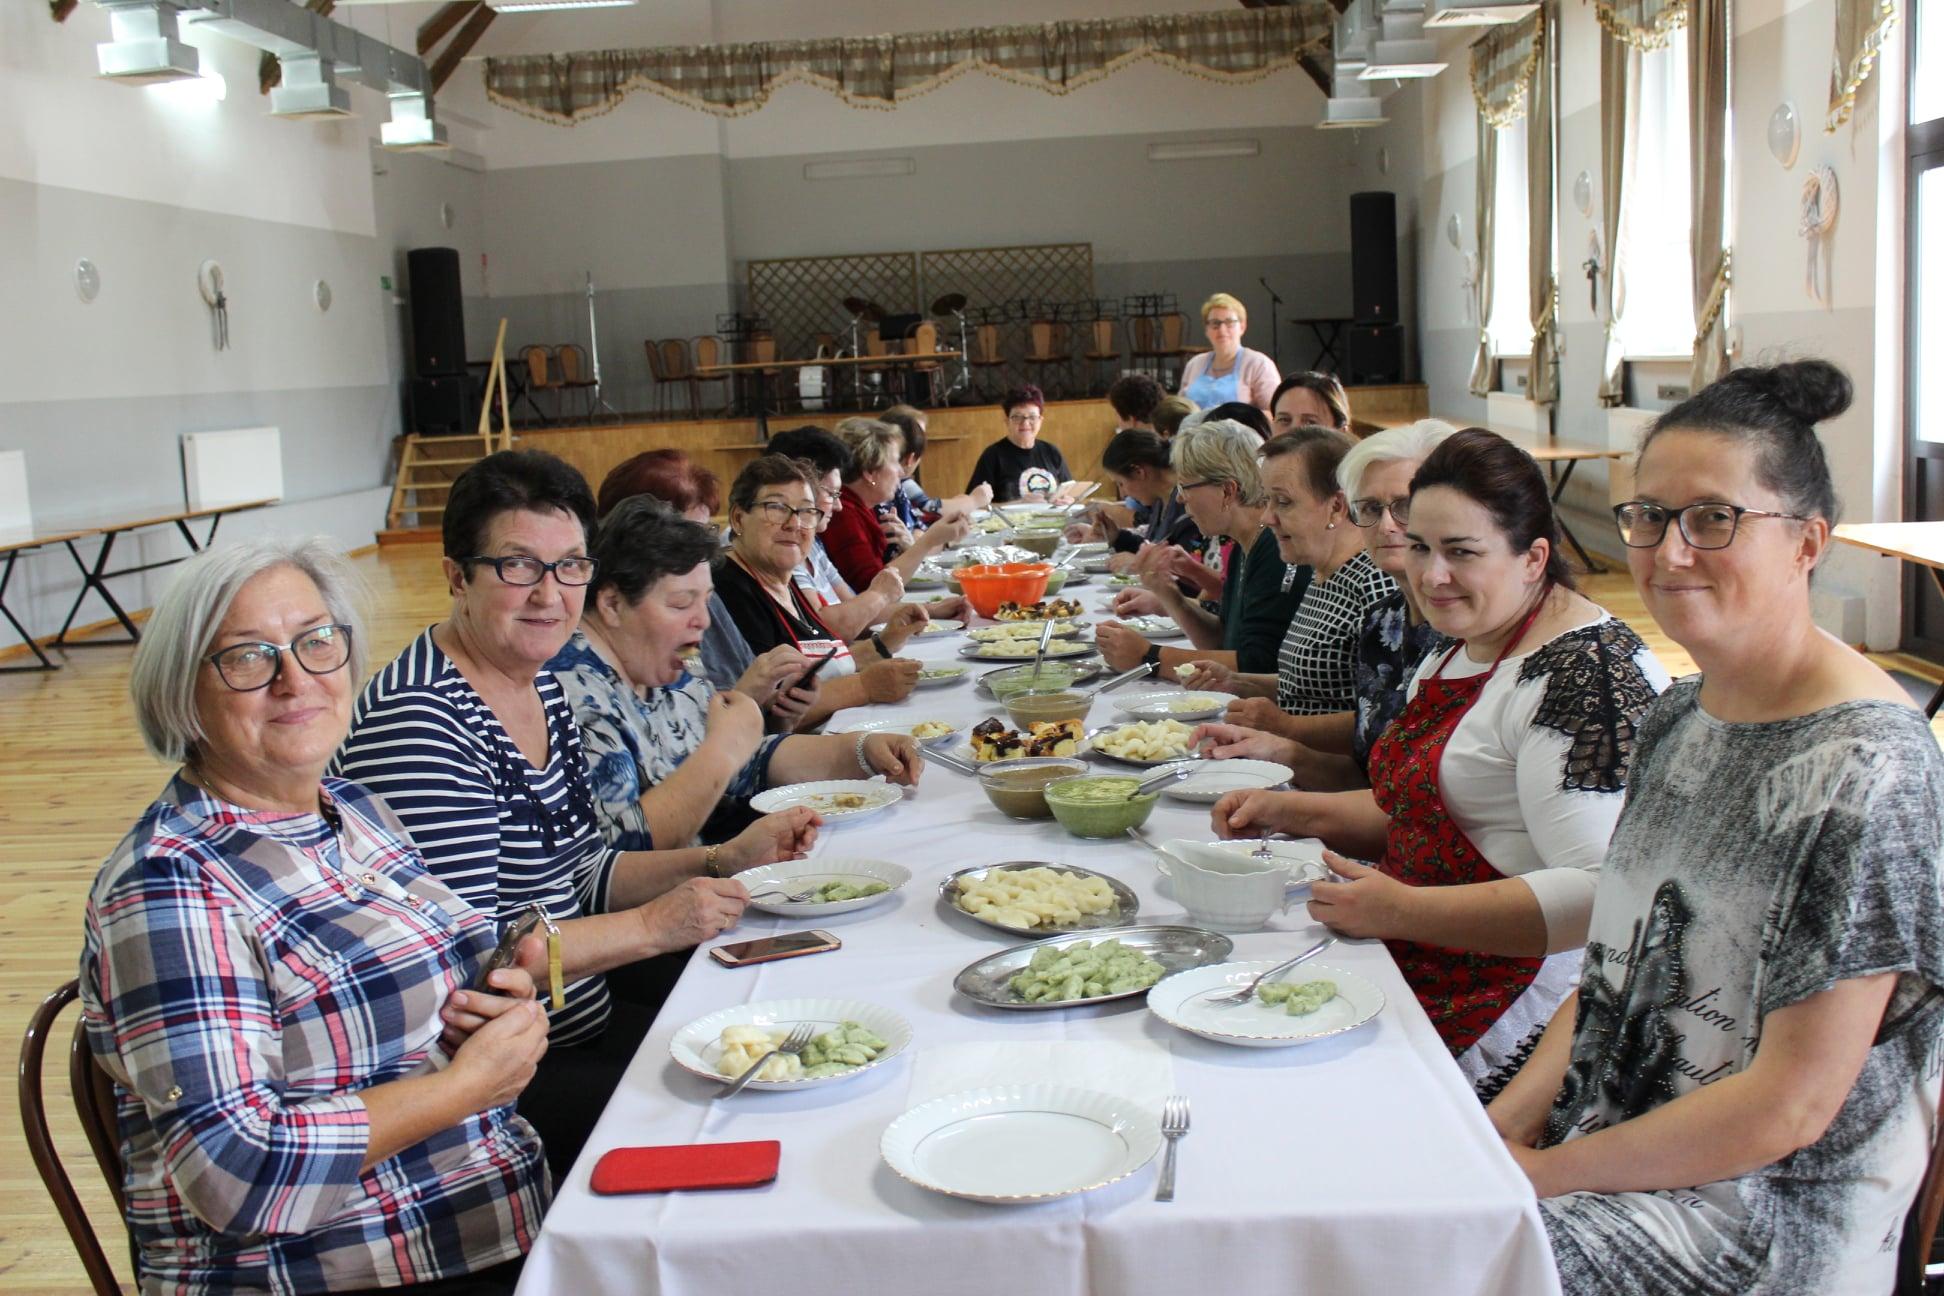 Seniorki oraz panie z KGW z gminy Chocz na warsztatach kulinarnych [ZDJĘCIA] - Zdjęcie główne